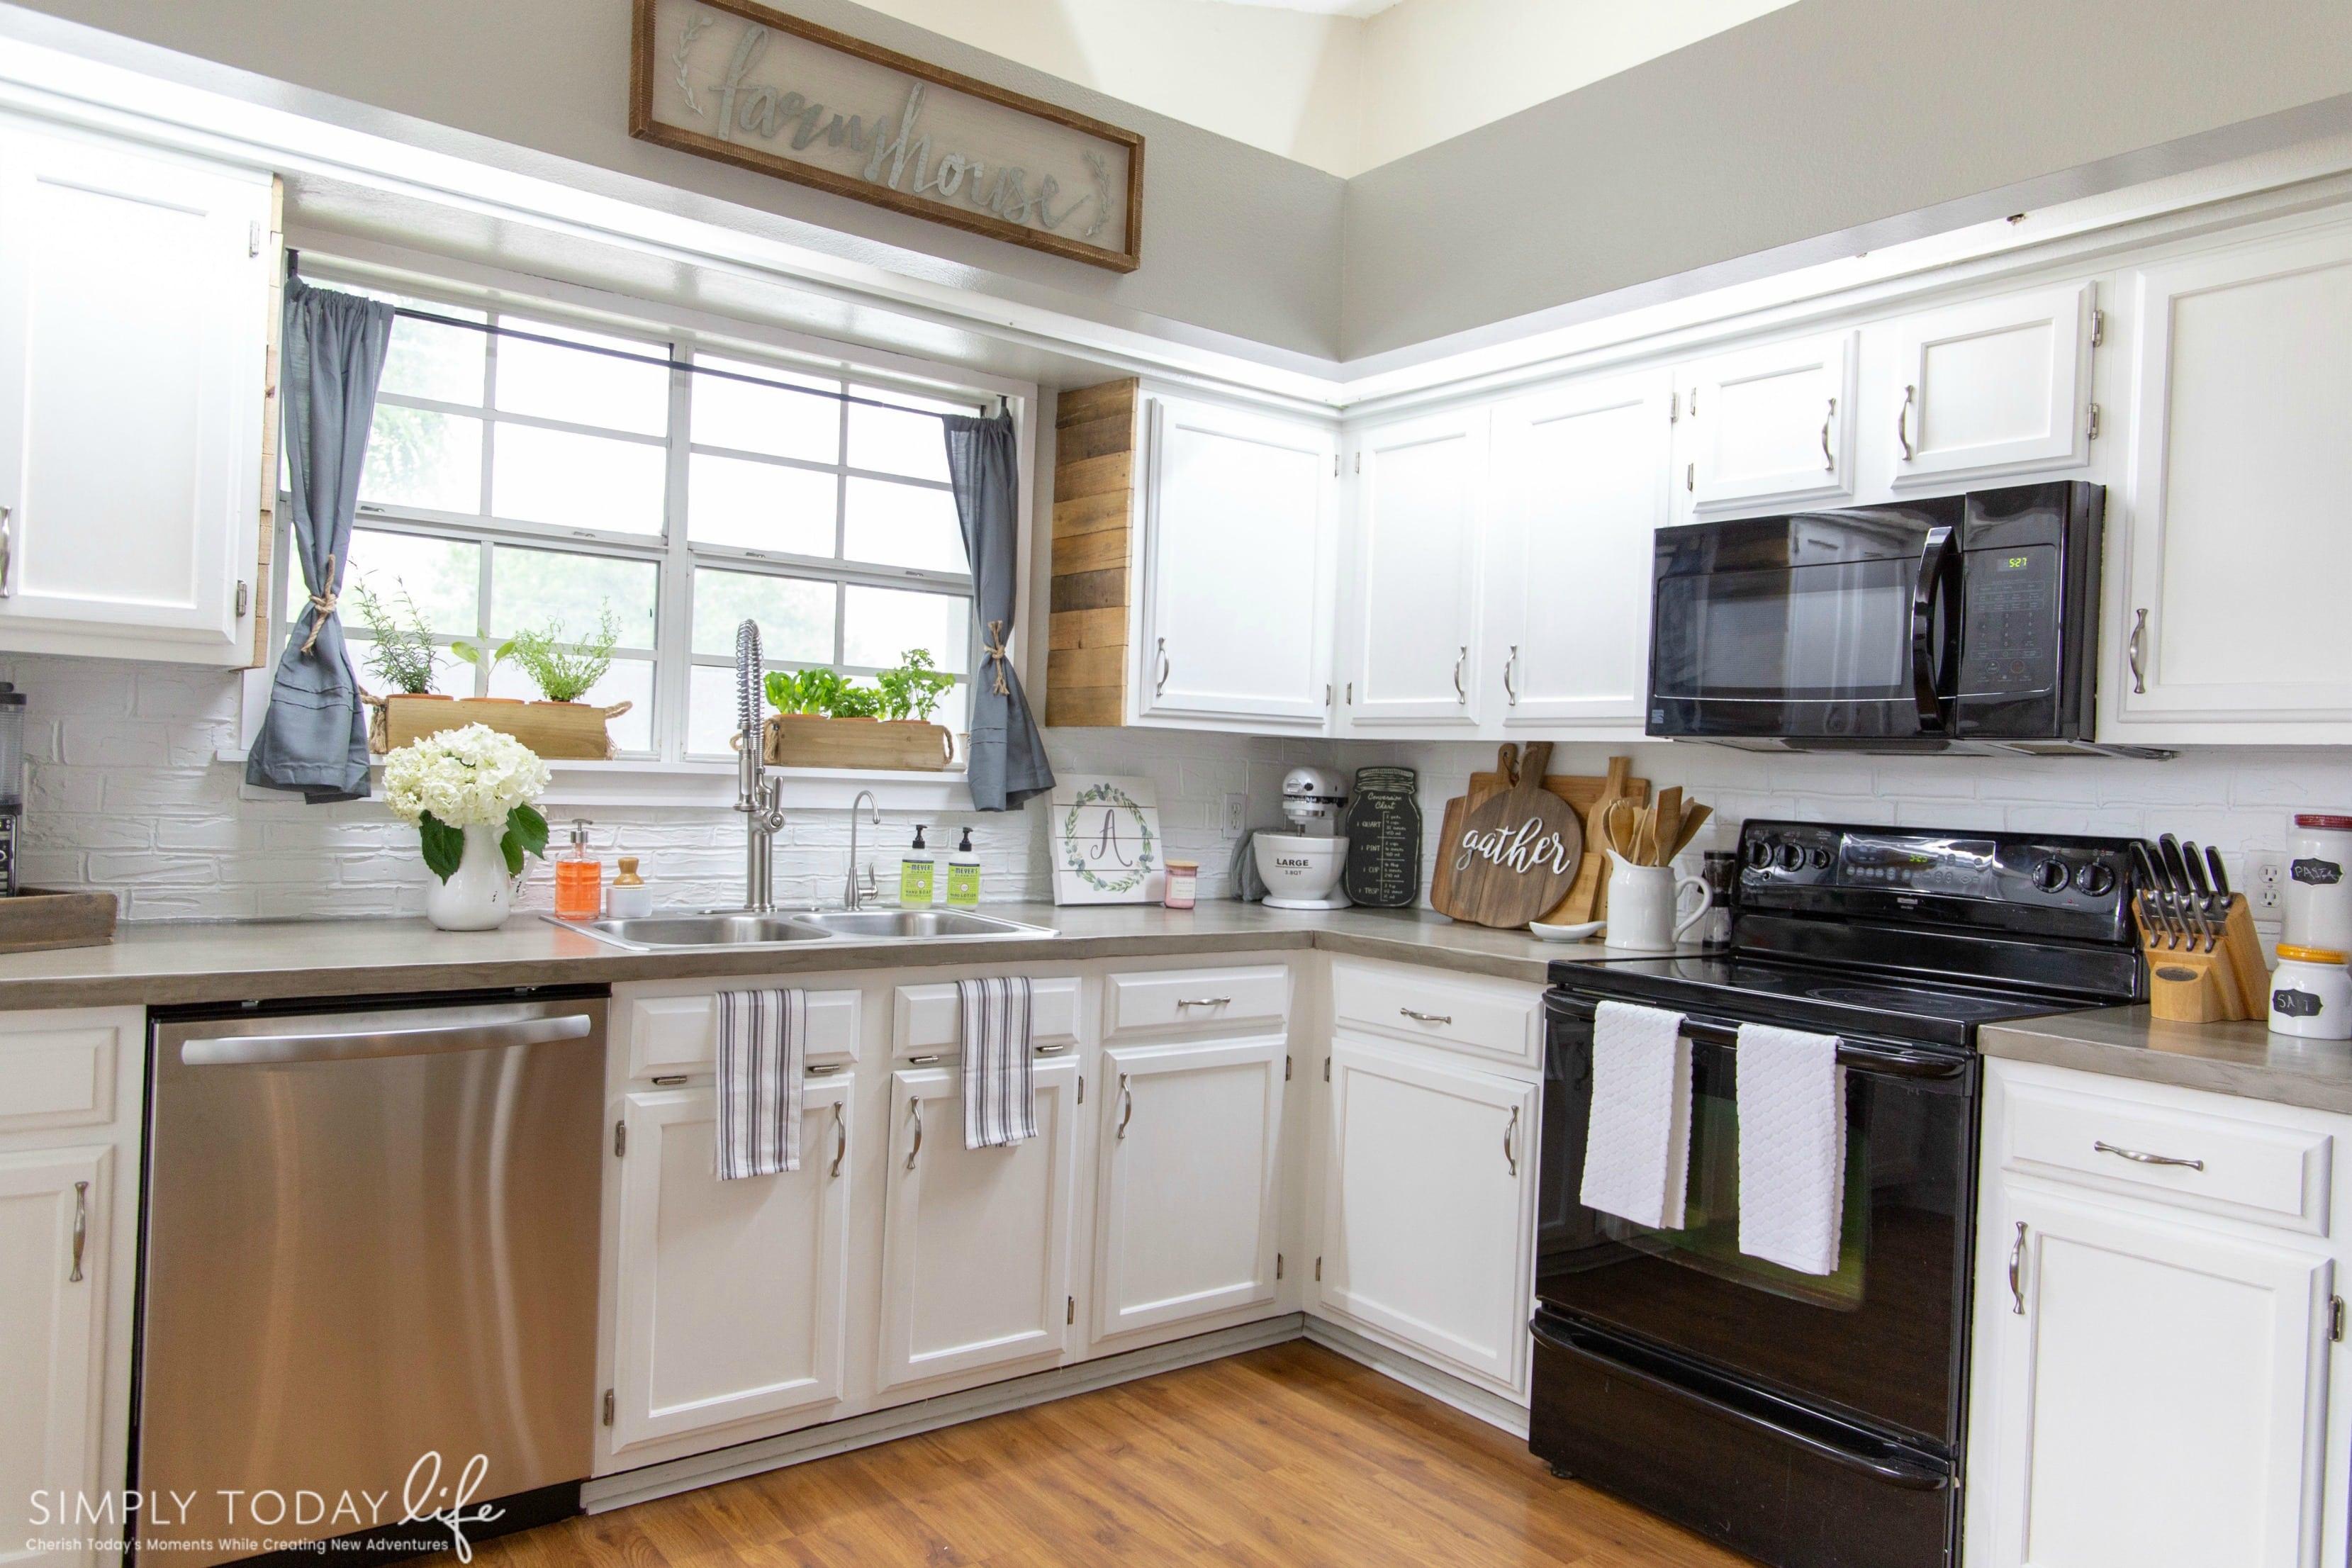 Kitchen Renovation Farmhouse Style - simplytodaylife.com